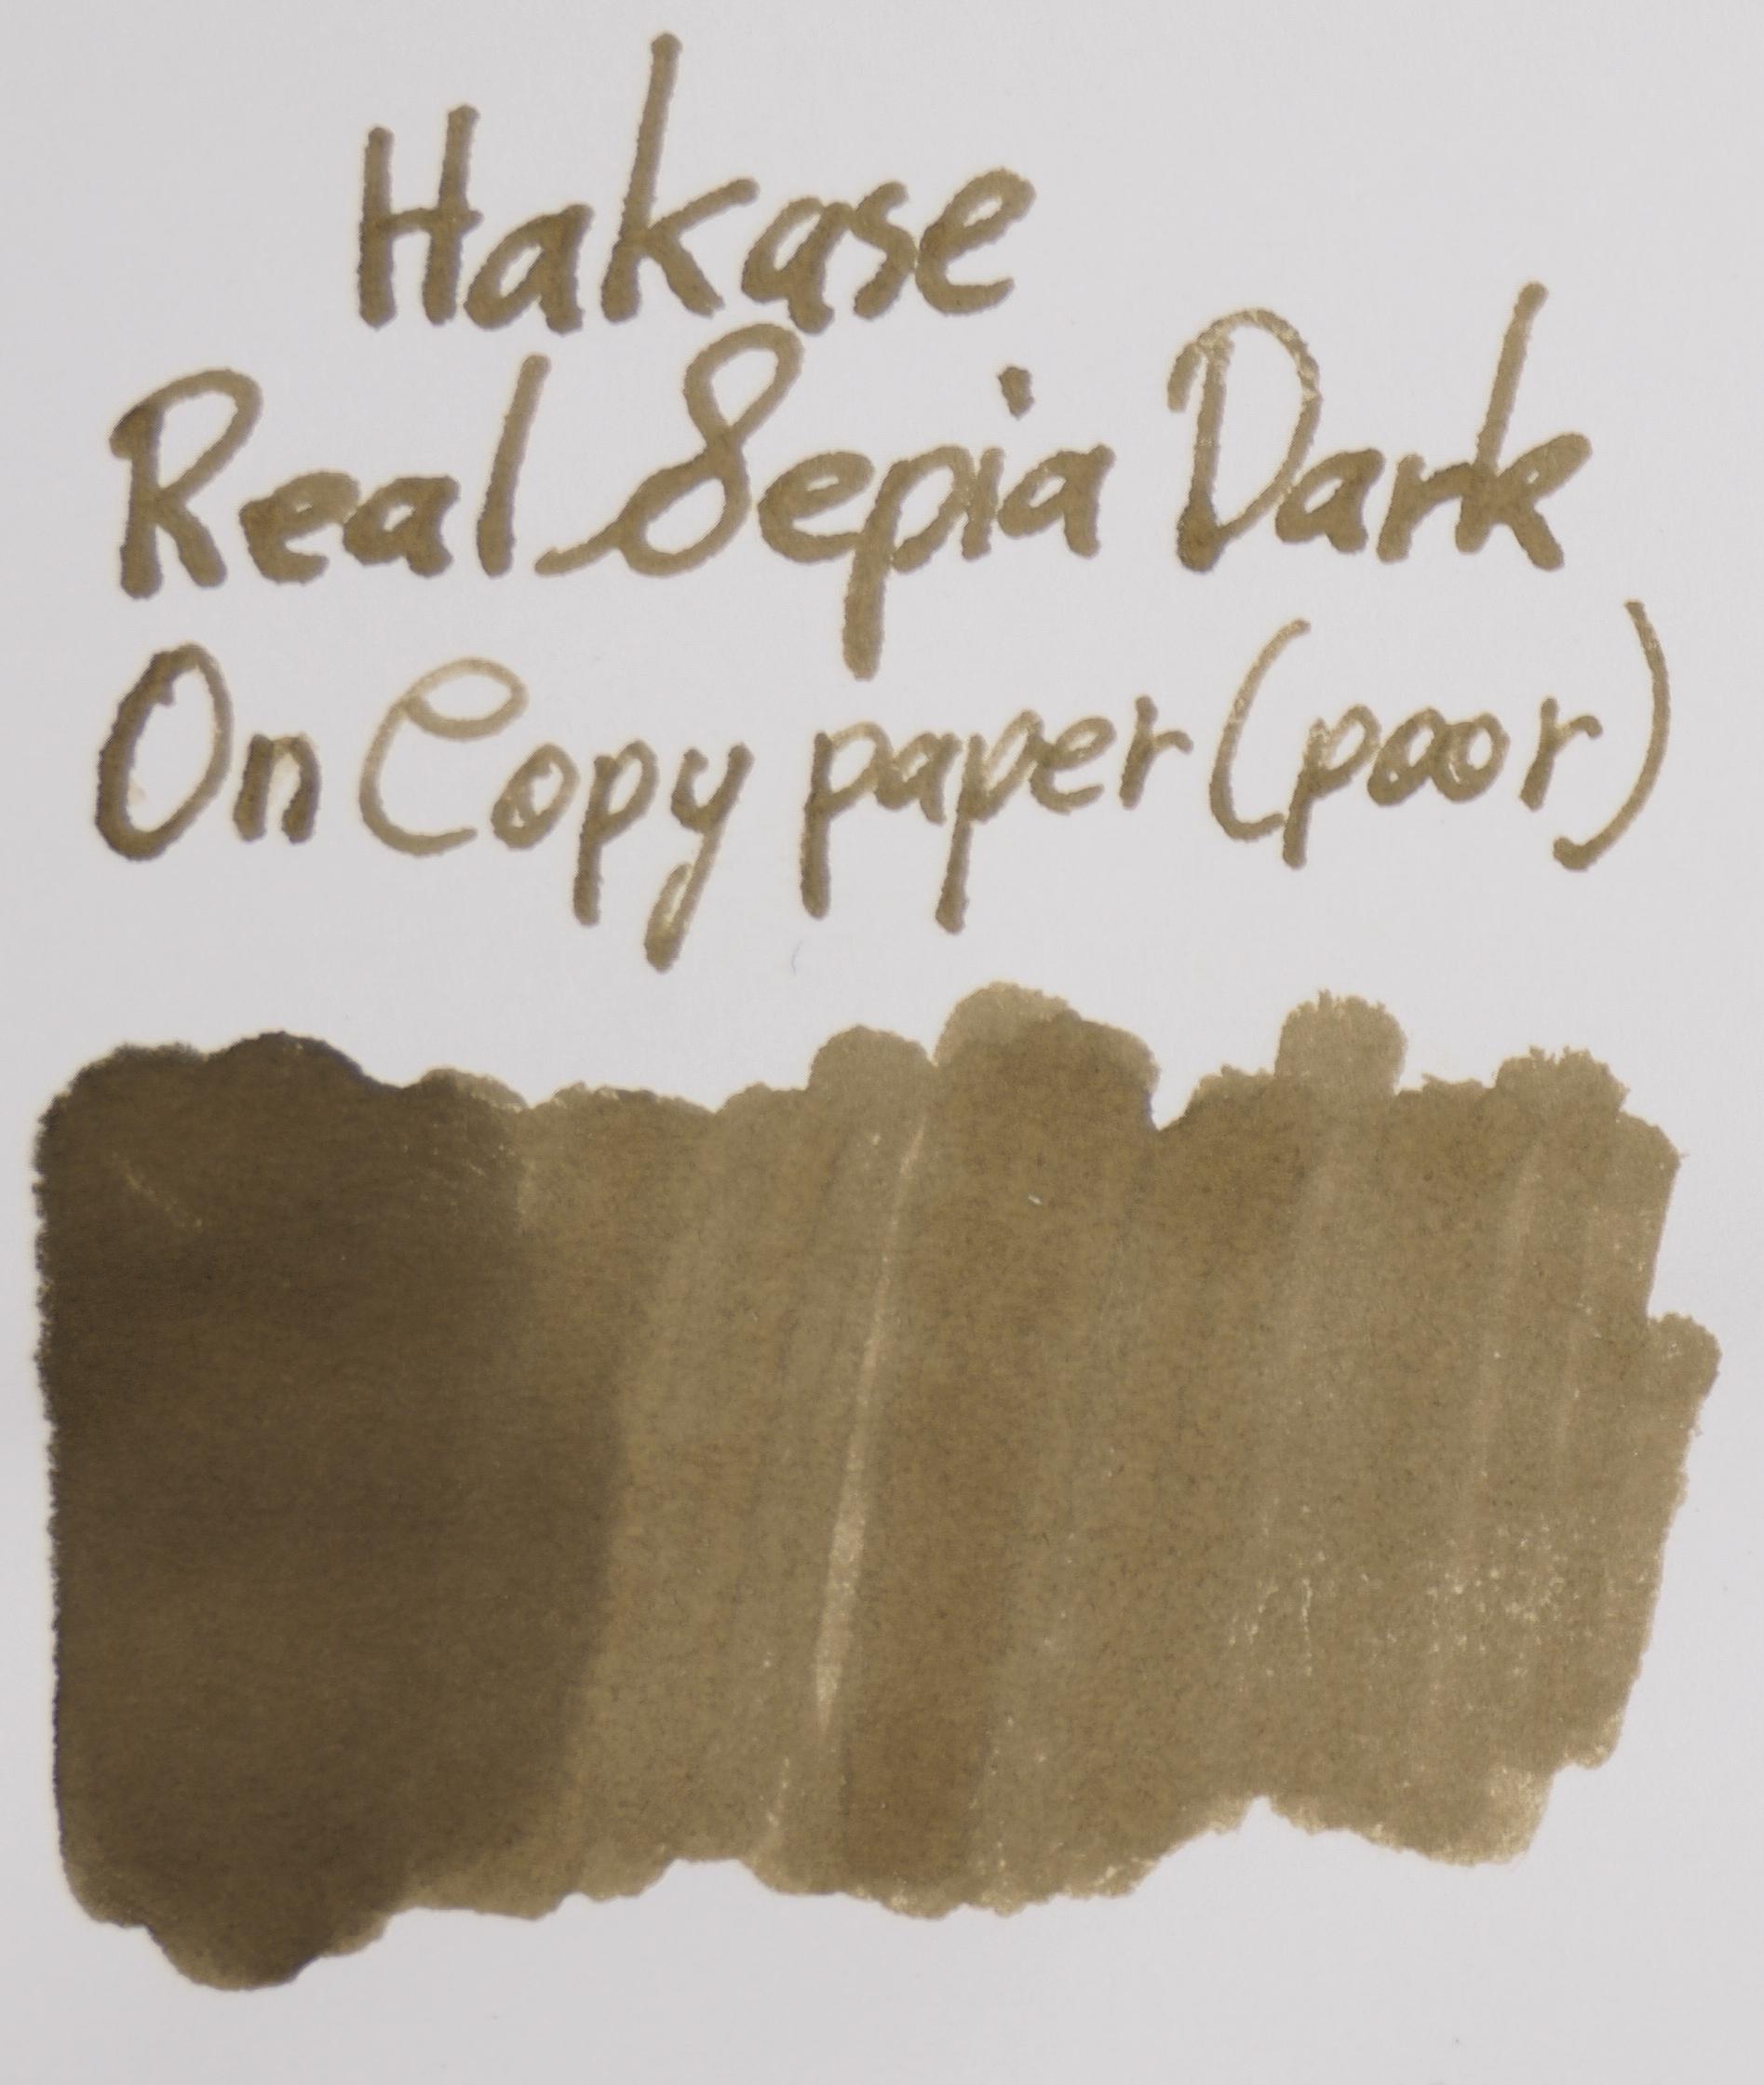 Copy Paper (Poor)